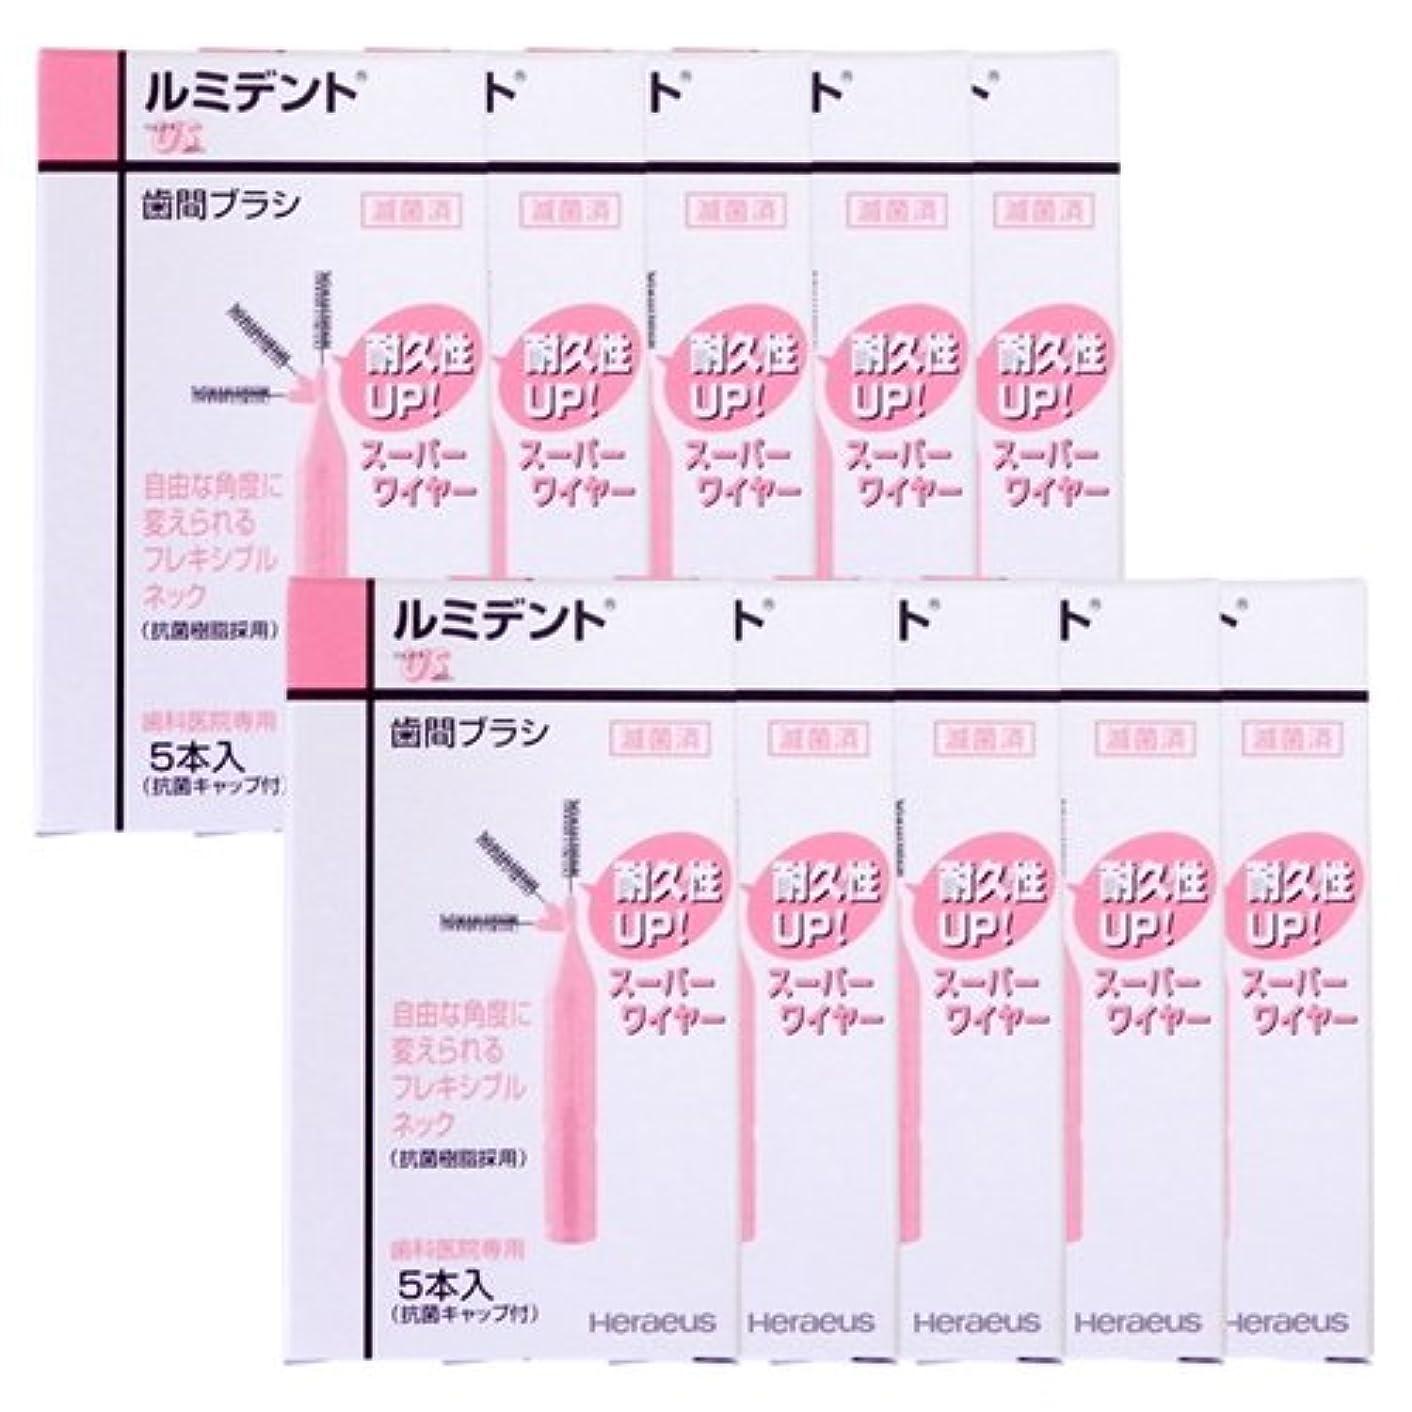 あごひげユーモラスフィクションヘレウス ルミデント 歯間ブラシ 5本入 × 10個 US ピンク